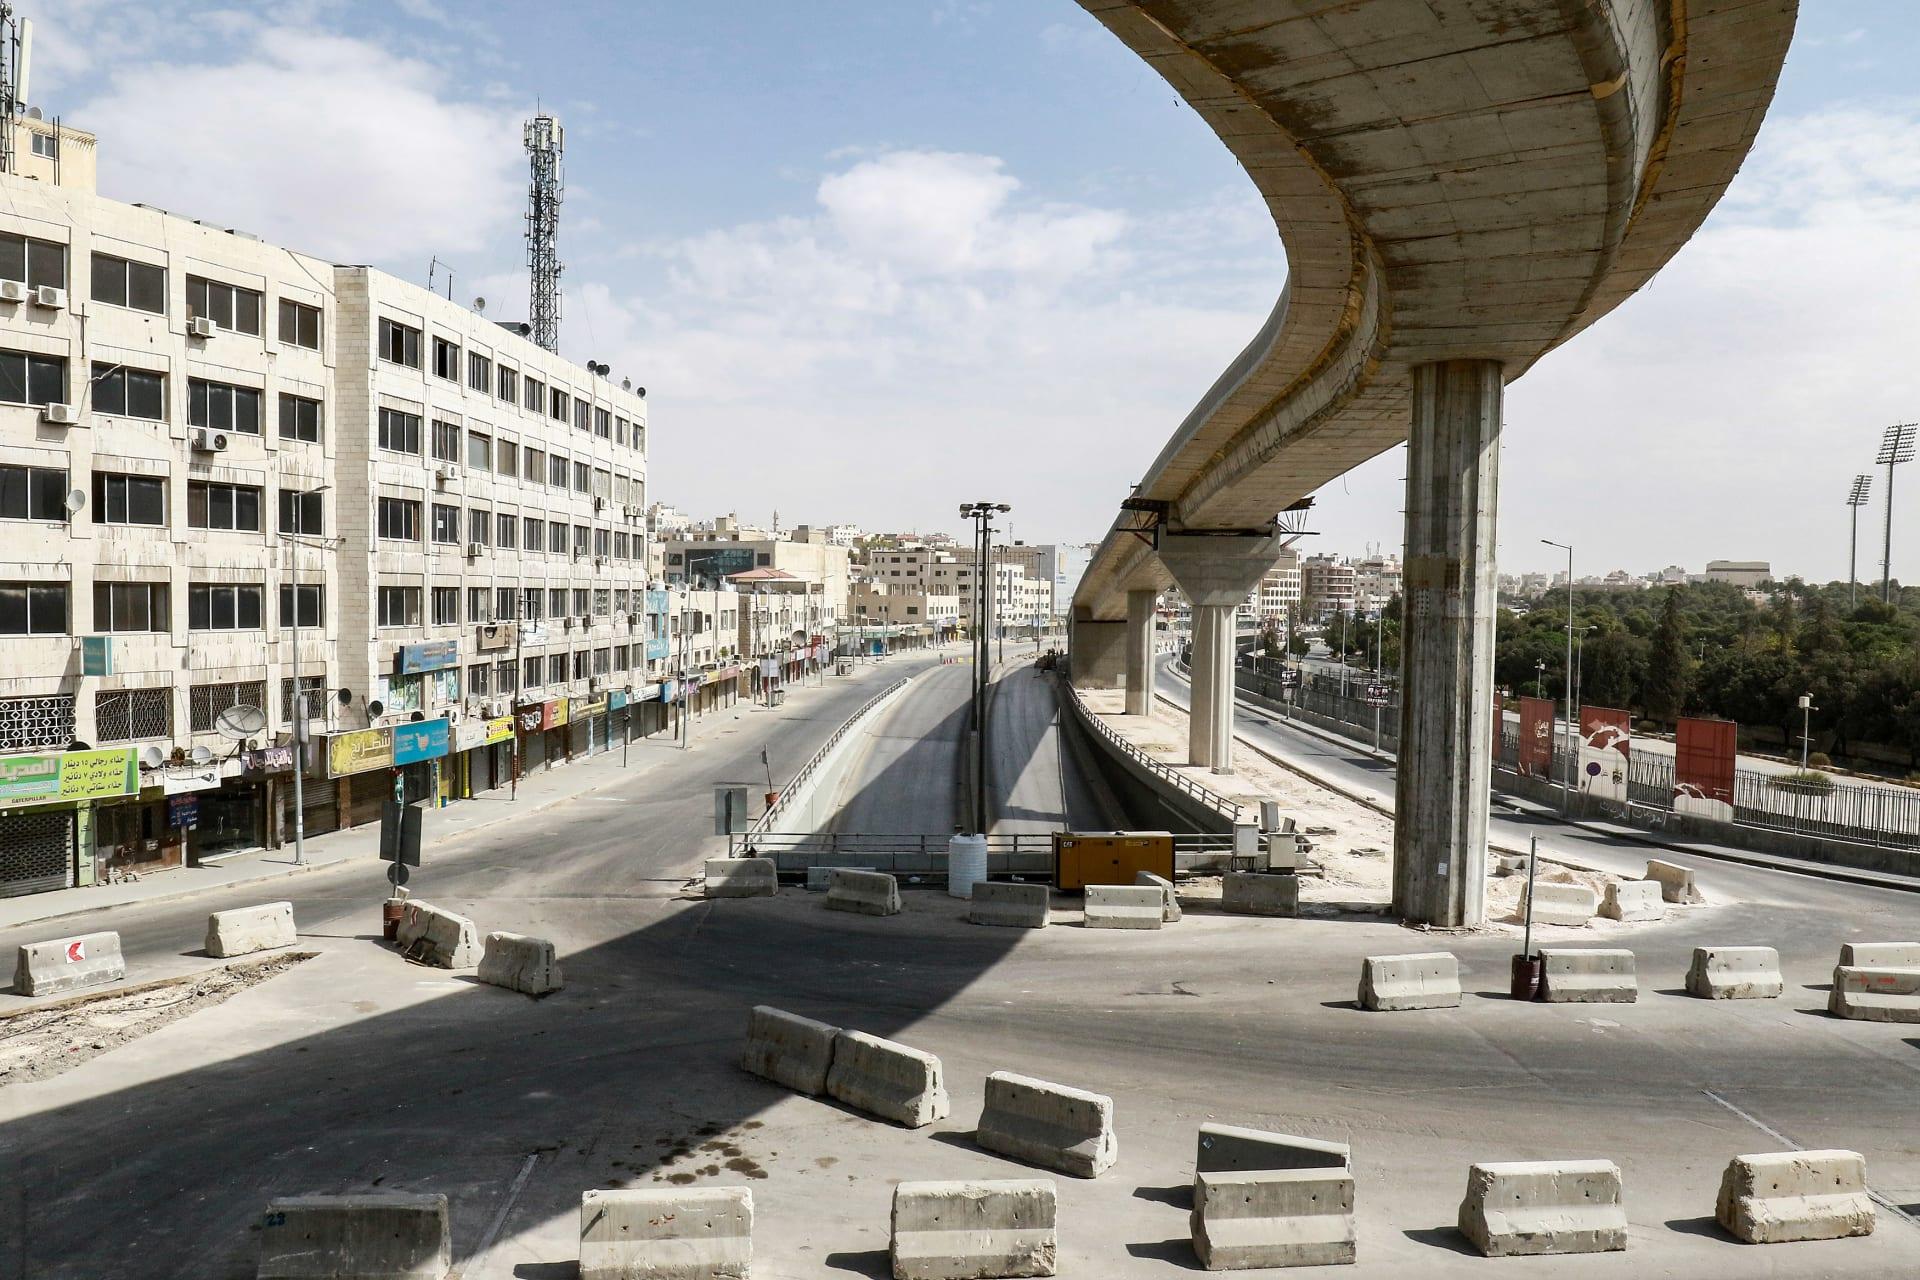 حكومة الأردن تعلن عن حظر جزئي حتى نهاية العام بدلا من الاغلاقات الطويلة